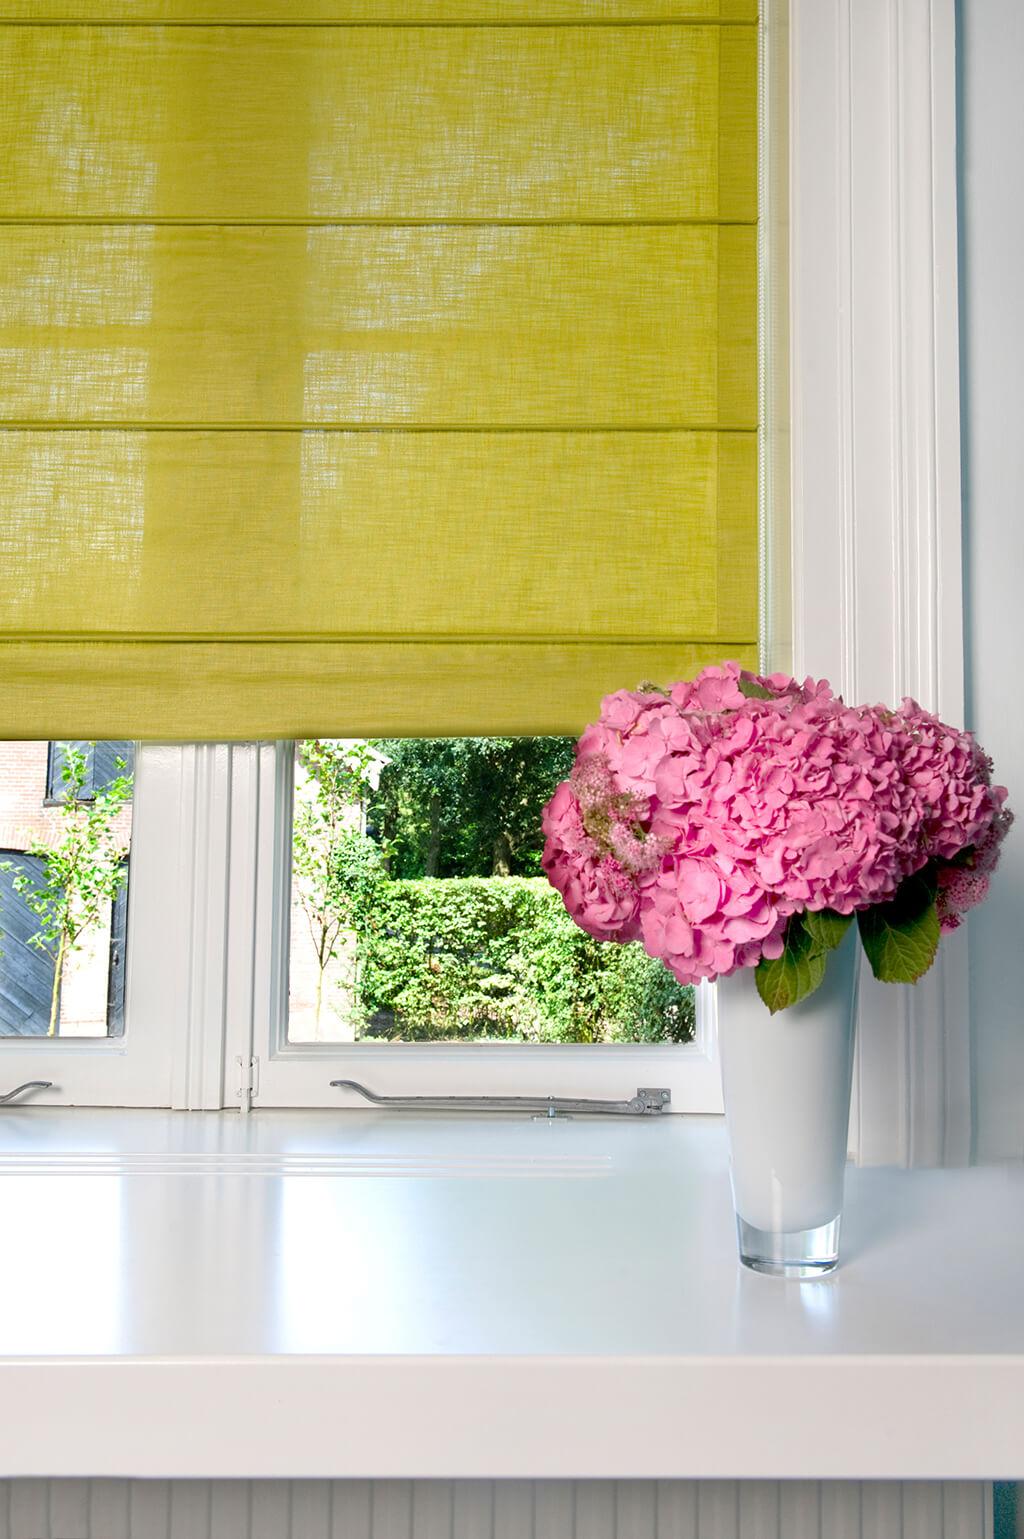 Grünes Faltrollo mit Querstreben und eine Vase mit rosa Hortensien